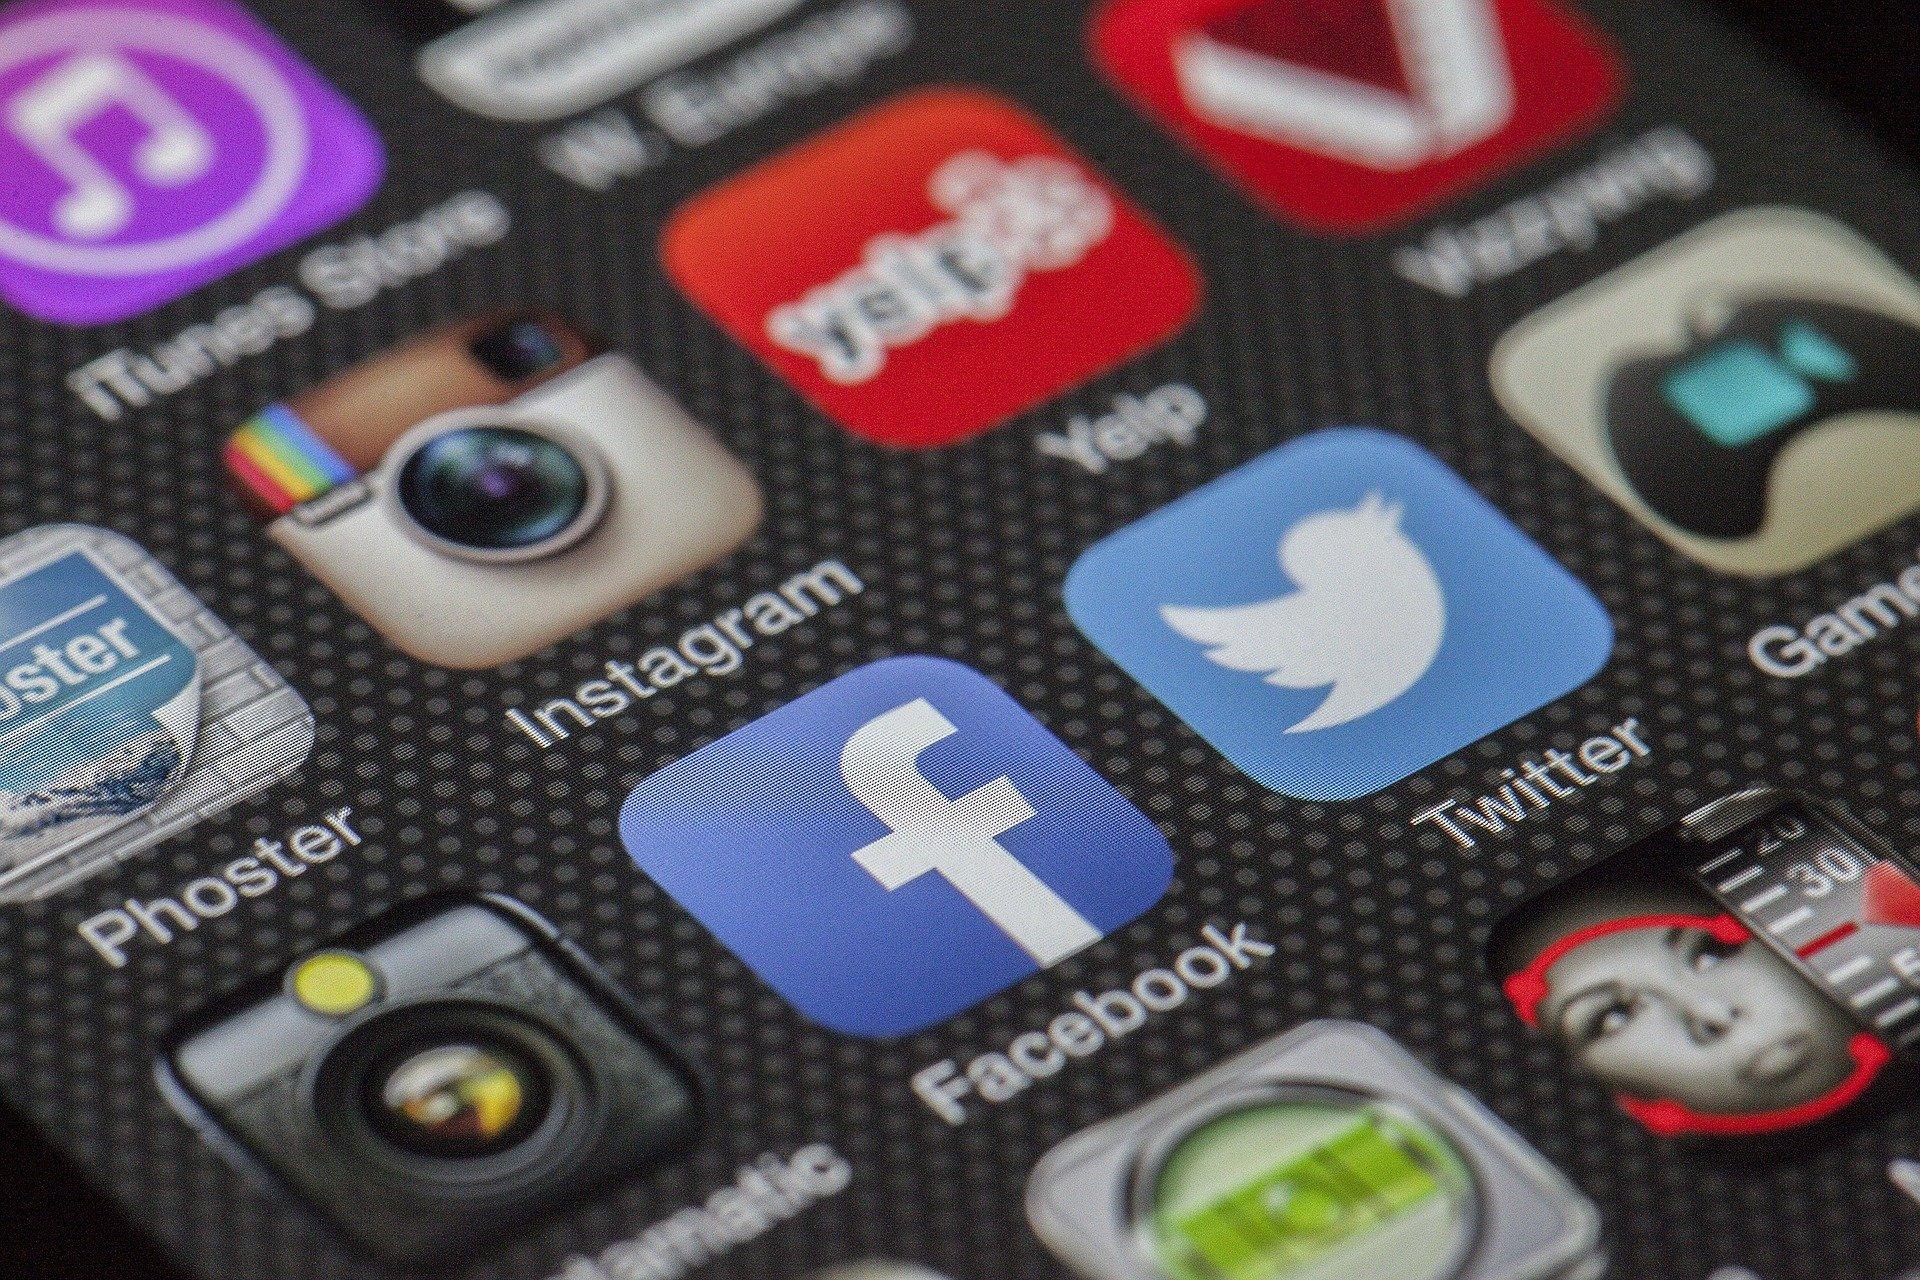 Ile osób korzysta z mediów społecznościowych? Najpopularniejsze media społecznościowe.